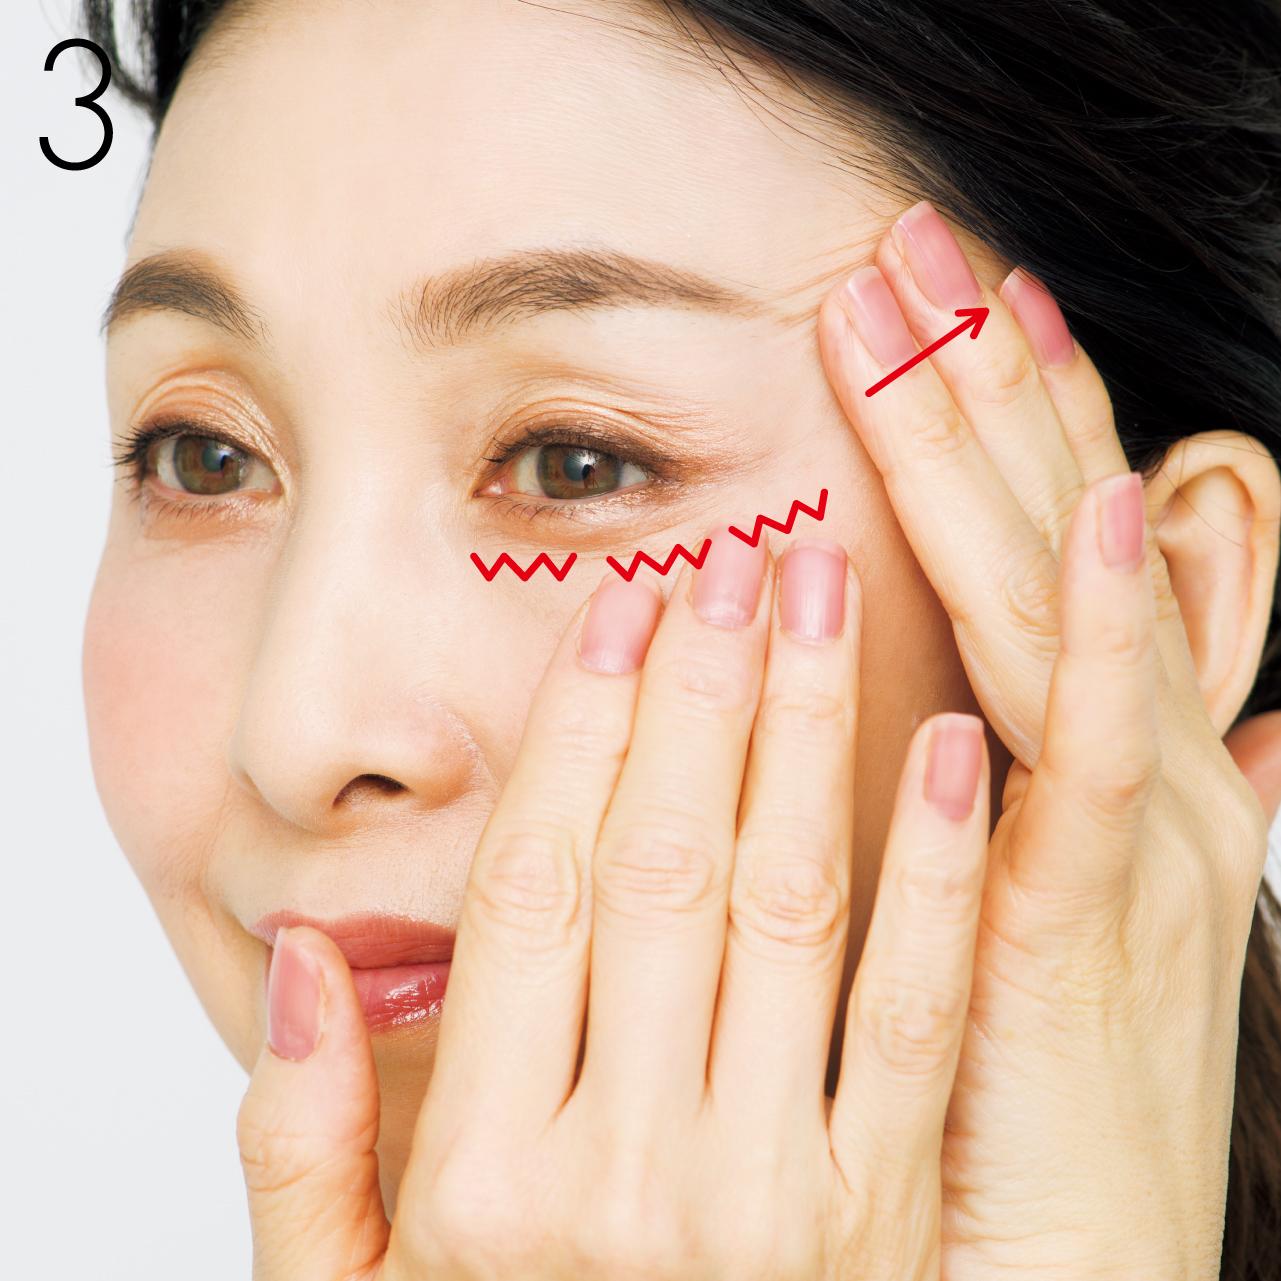 目の下は3本指で優しく微振動させてたまった老廃物を流す